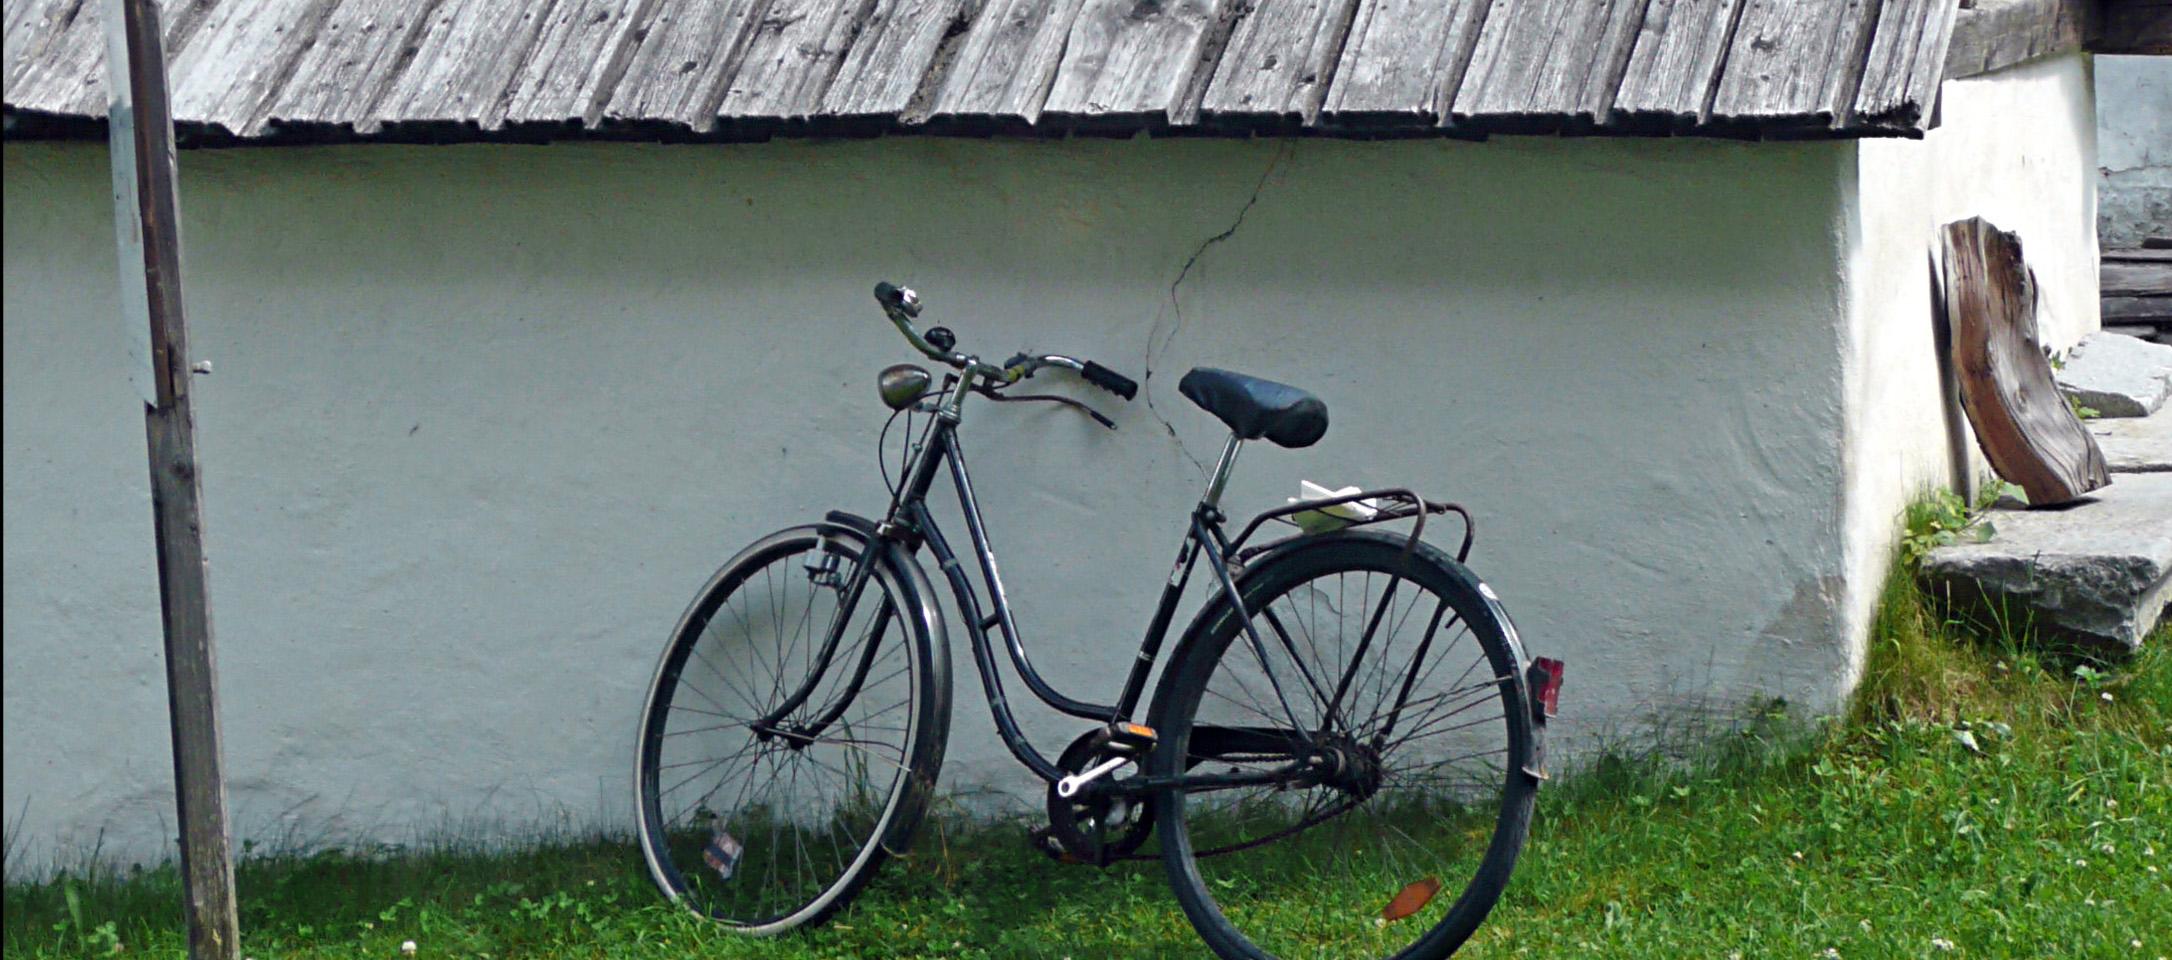 Le vélo qui ne tournait pas dans le bon sens